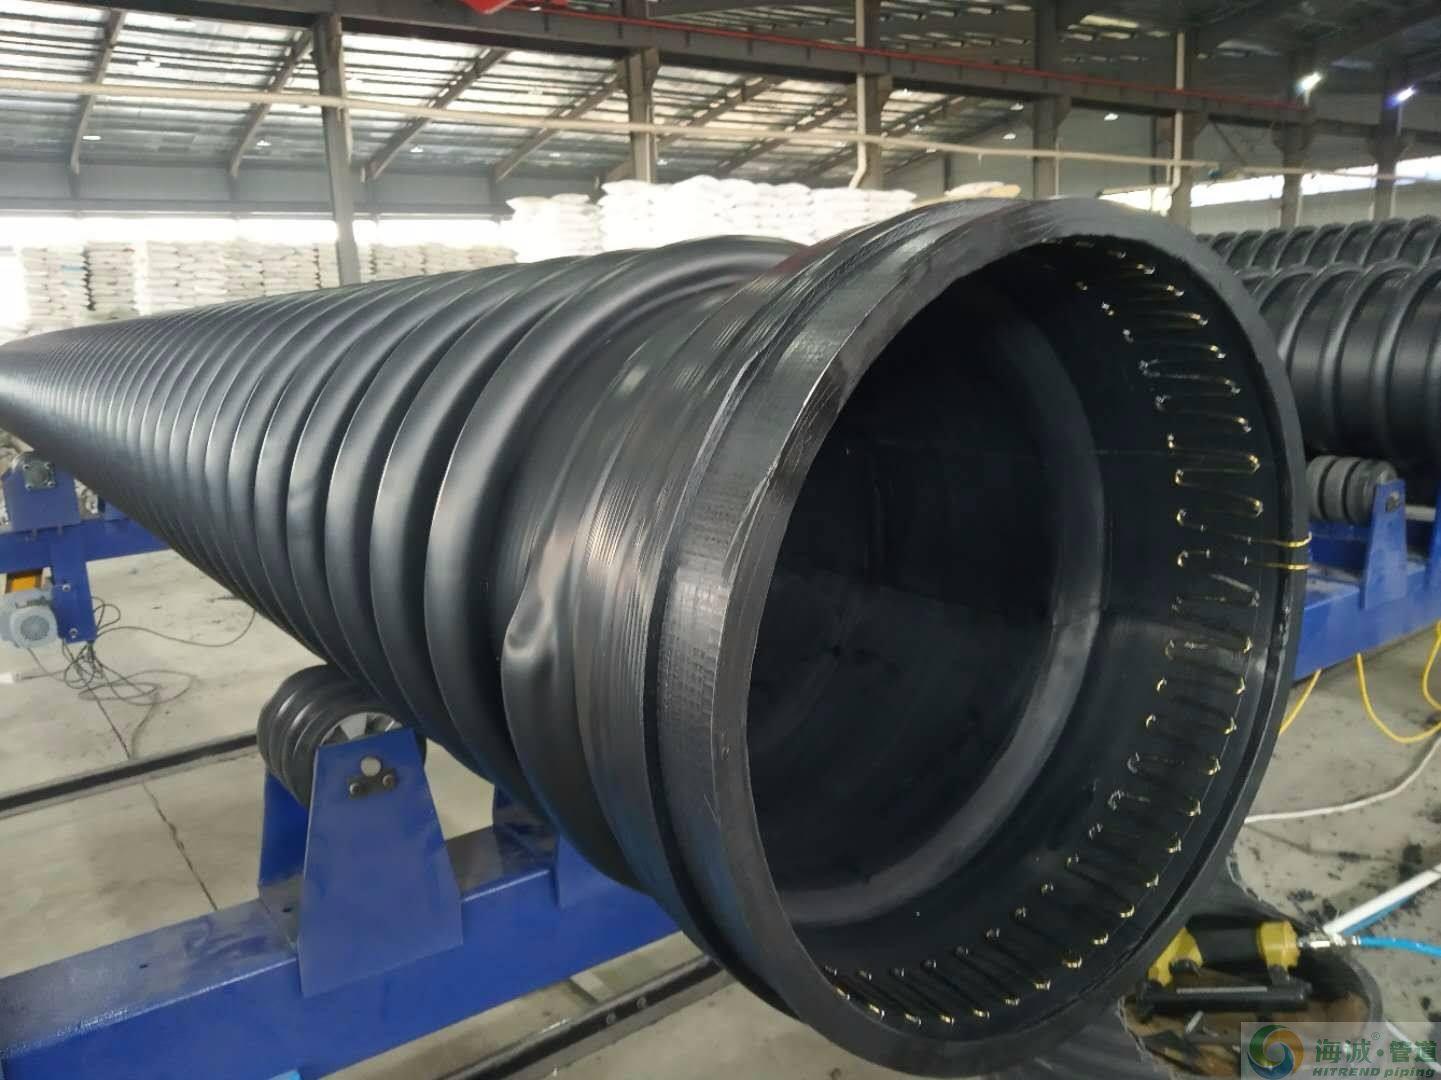 克拉管(高密度聚乙烯(HDPE)纏繞結構